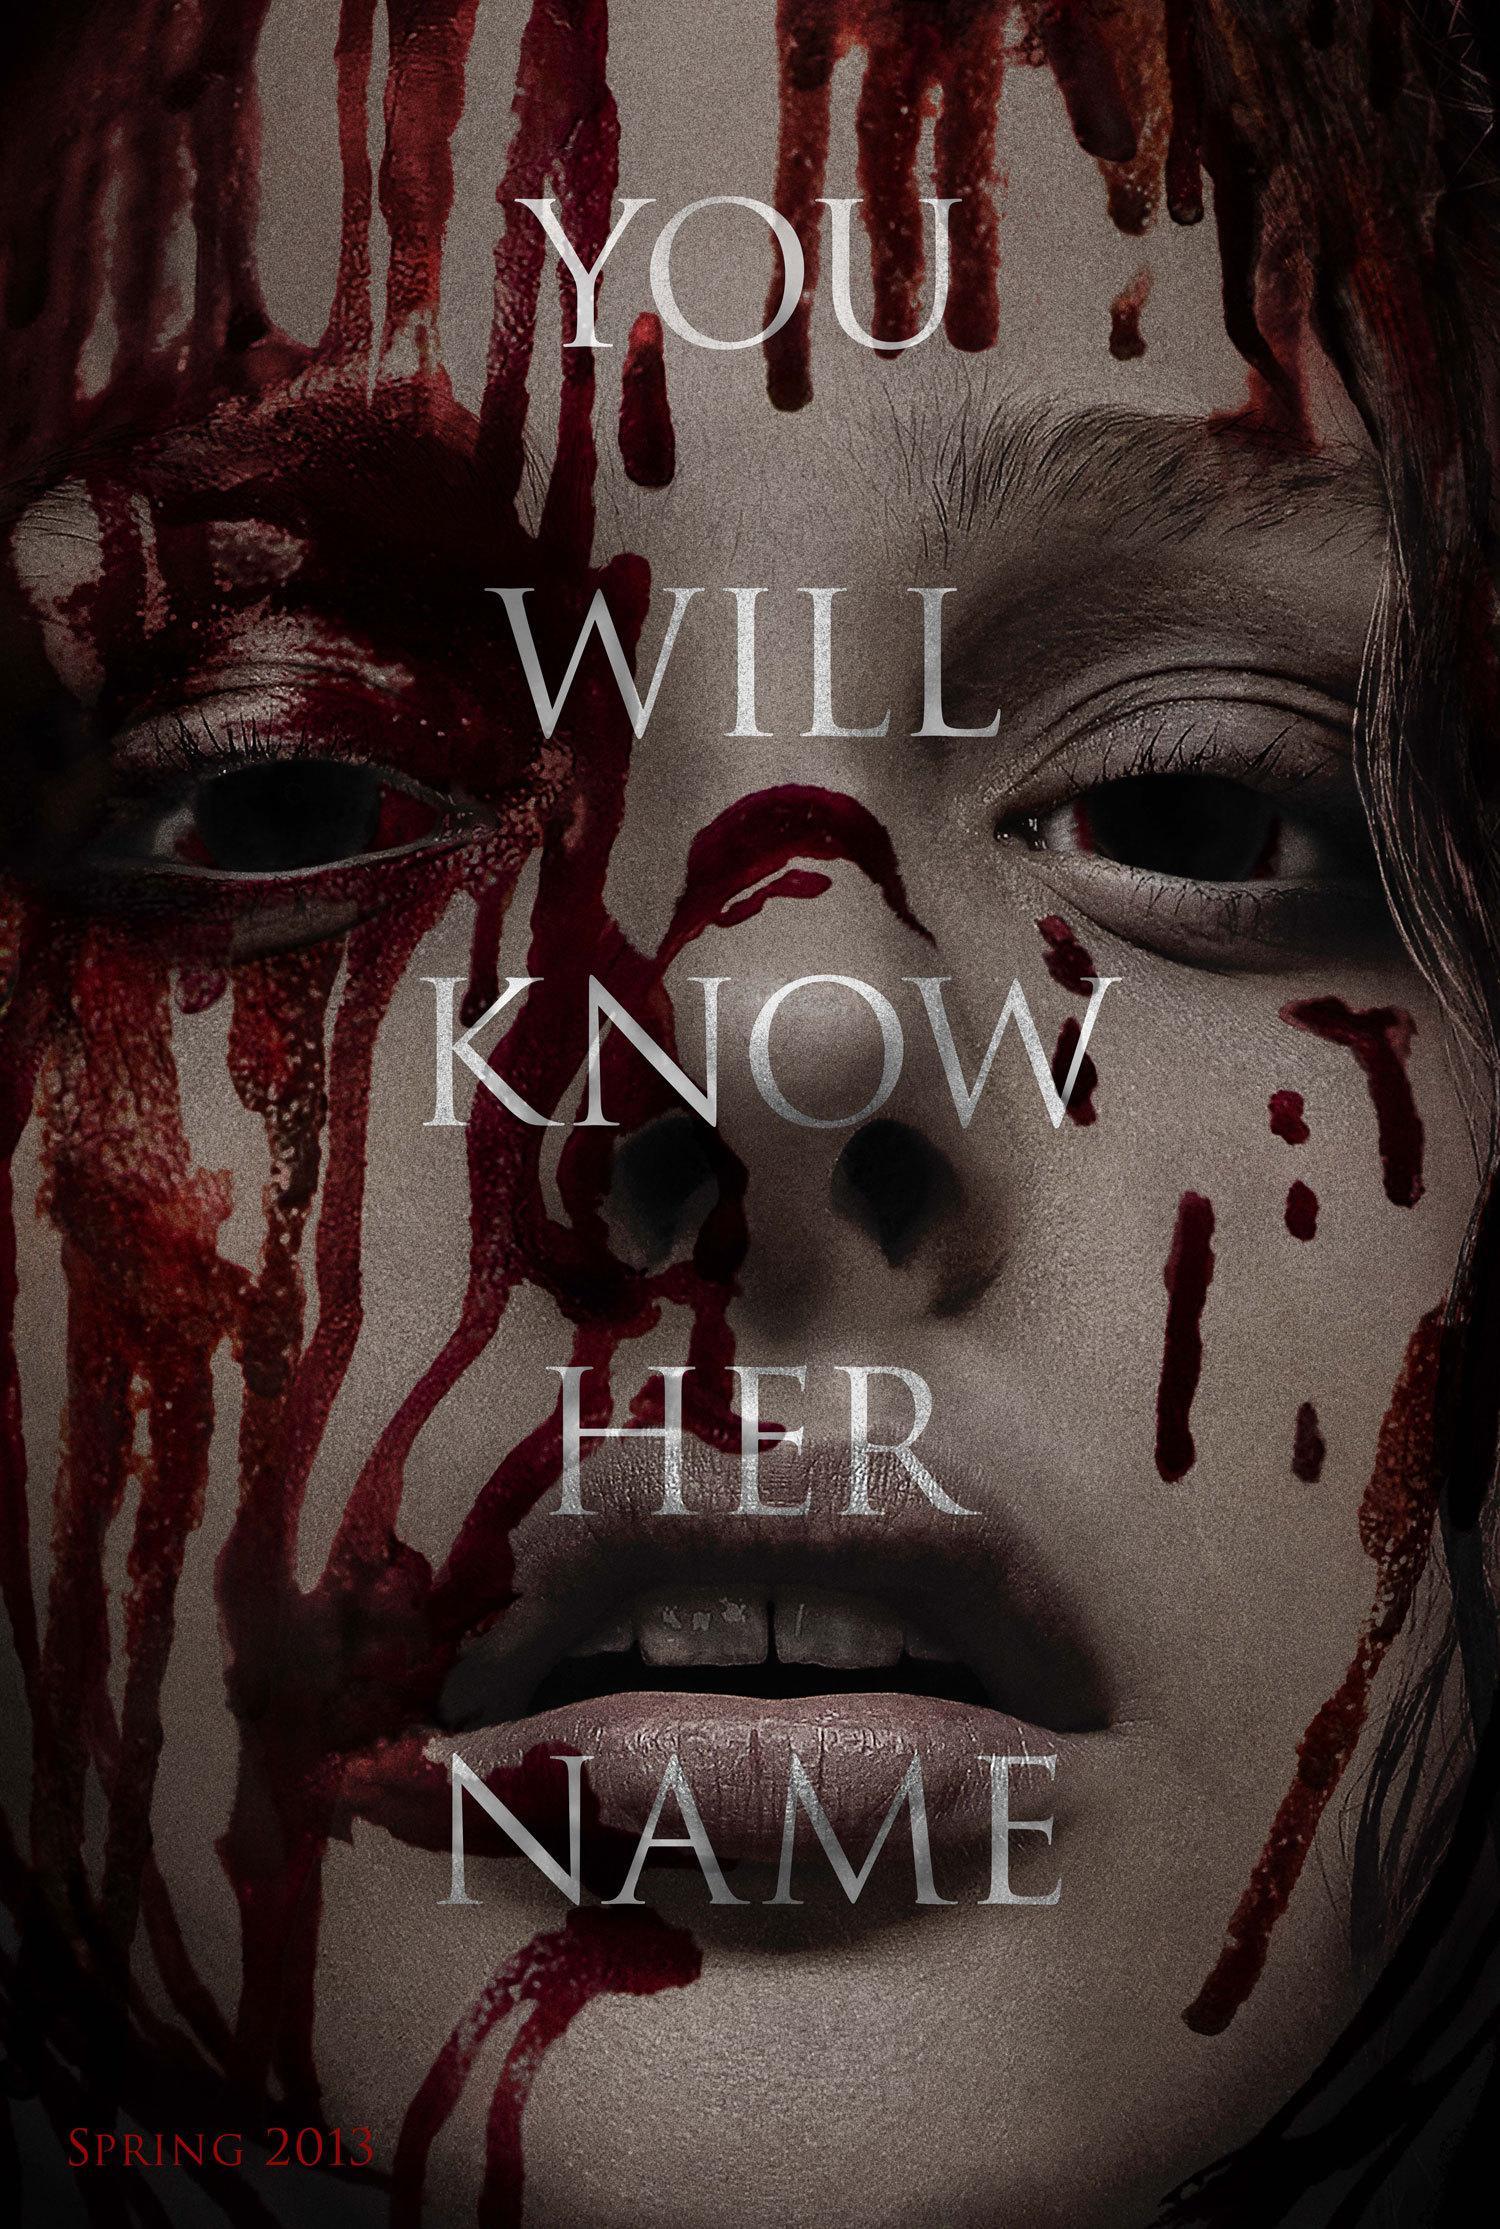 科洛·莫瑞兹新版《魔女嘉莉》(Carrie)剧场版预告片